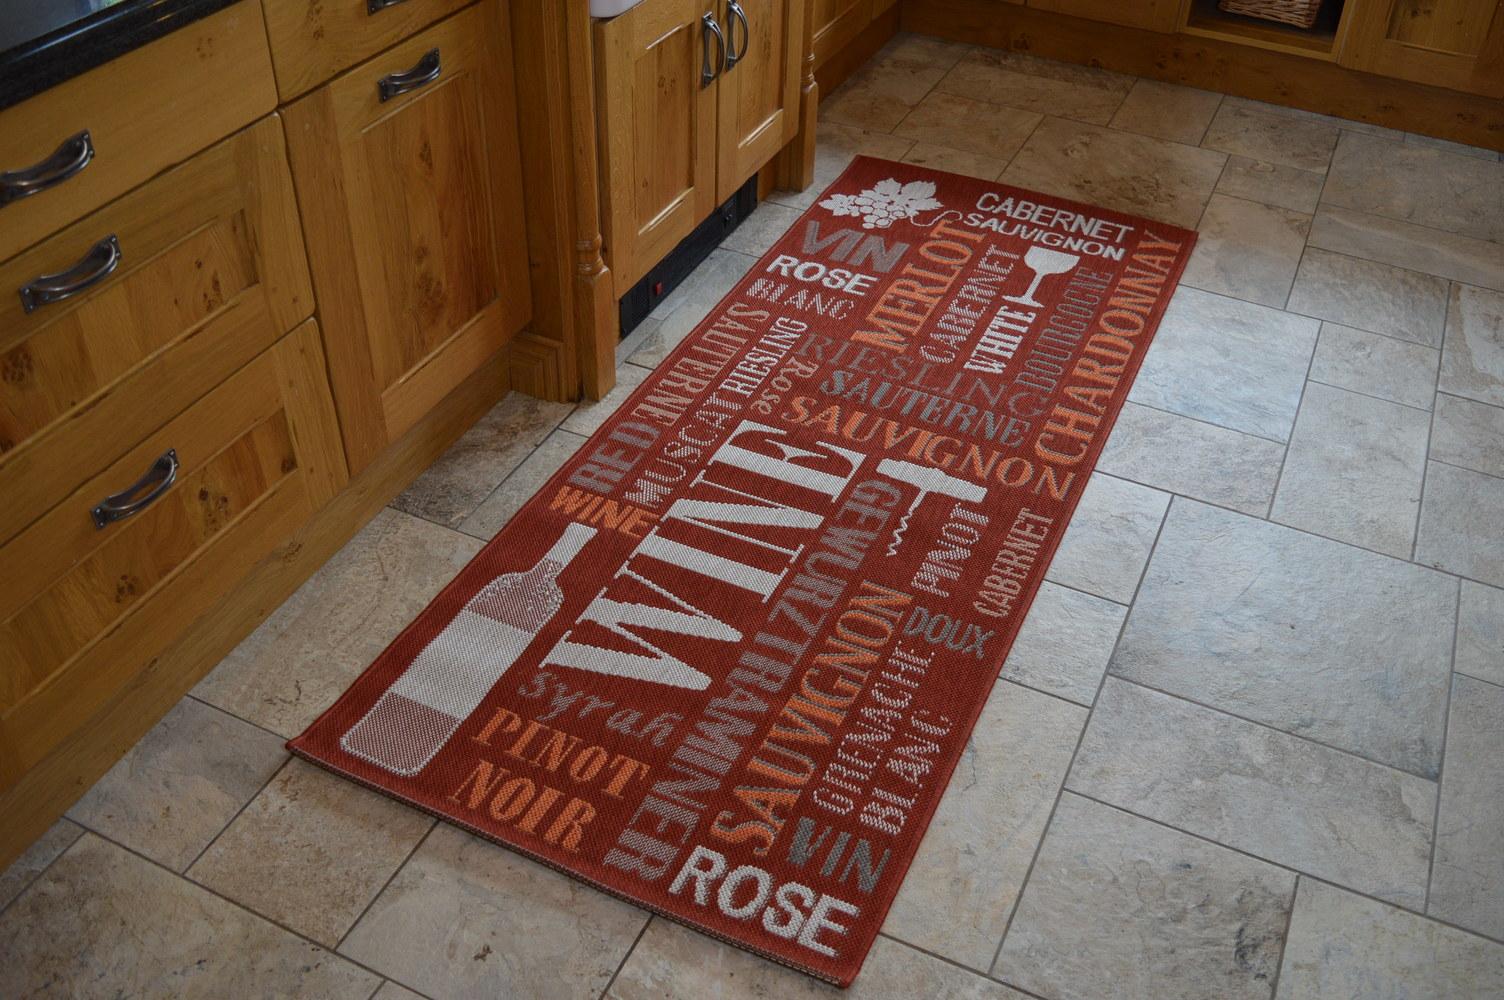 modern kitchen rugs  dark red wine mat  martin phillips carpets  - modern kitchen rugs